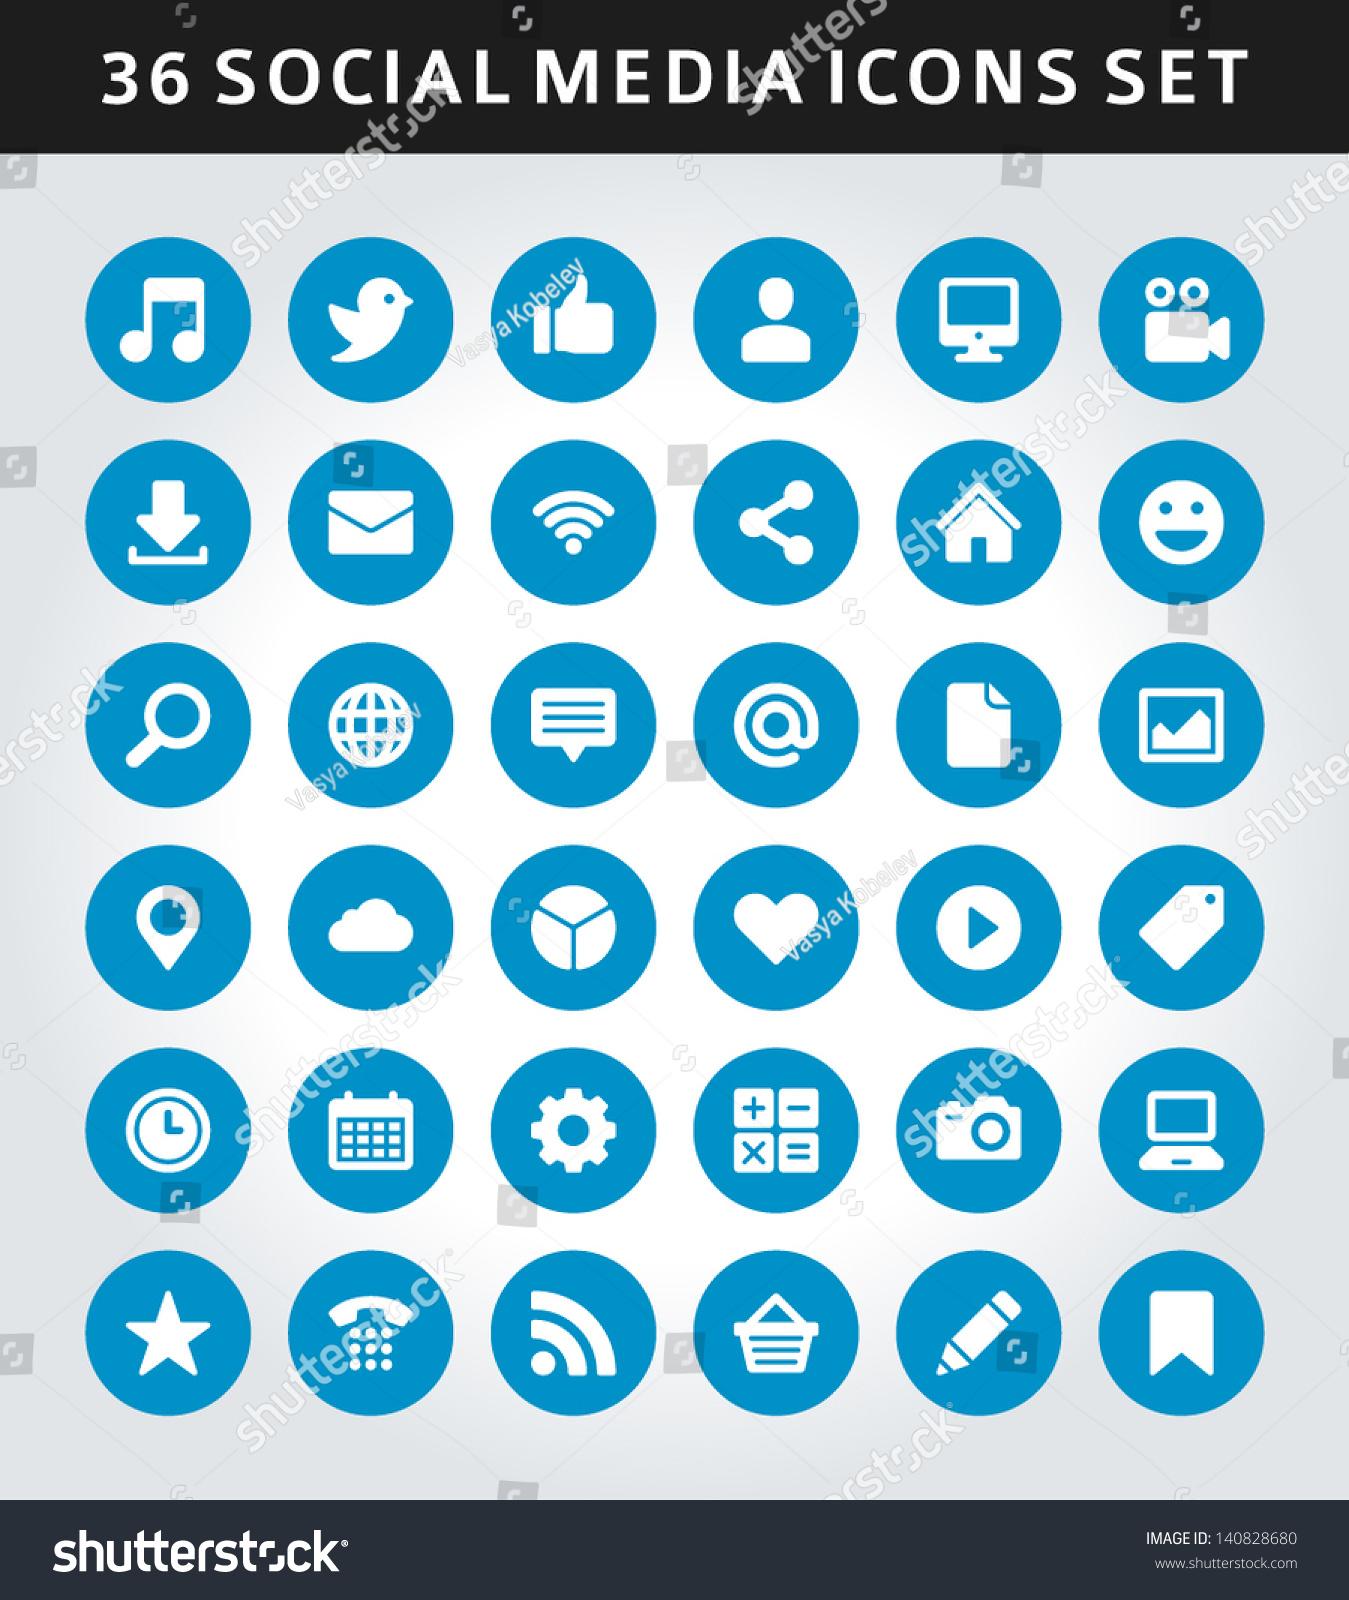 Social Media Icons Vector Stock Vector 140828680 - Shutterstock